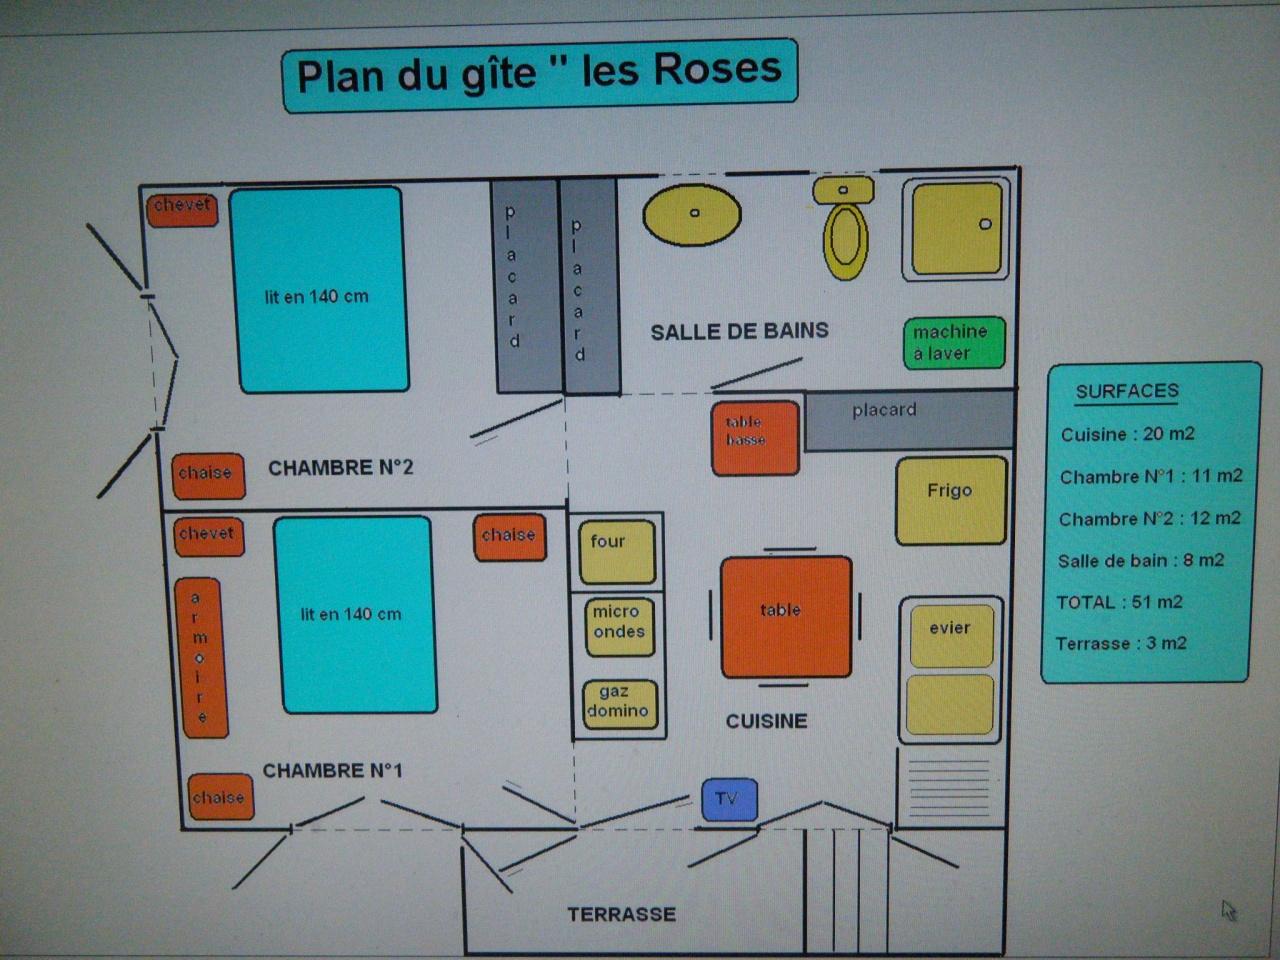 plan du gite les roses à Lézan gard, prés d'Anduze